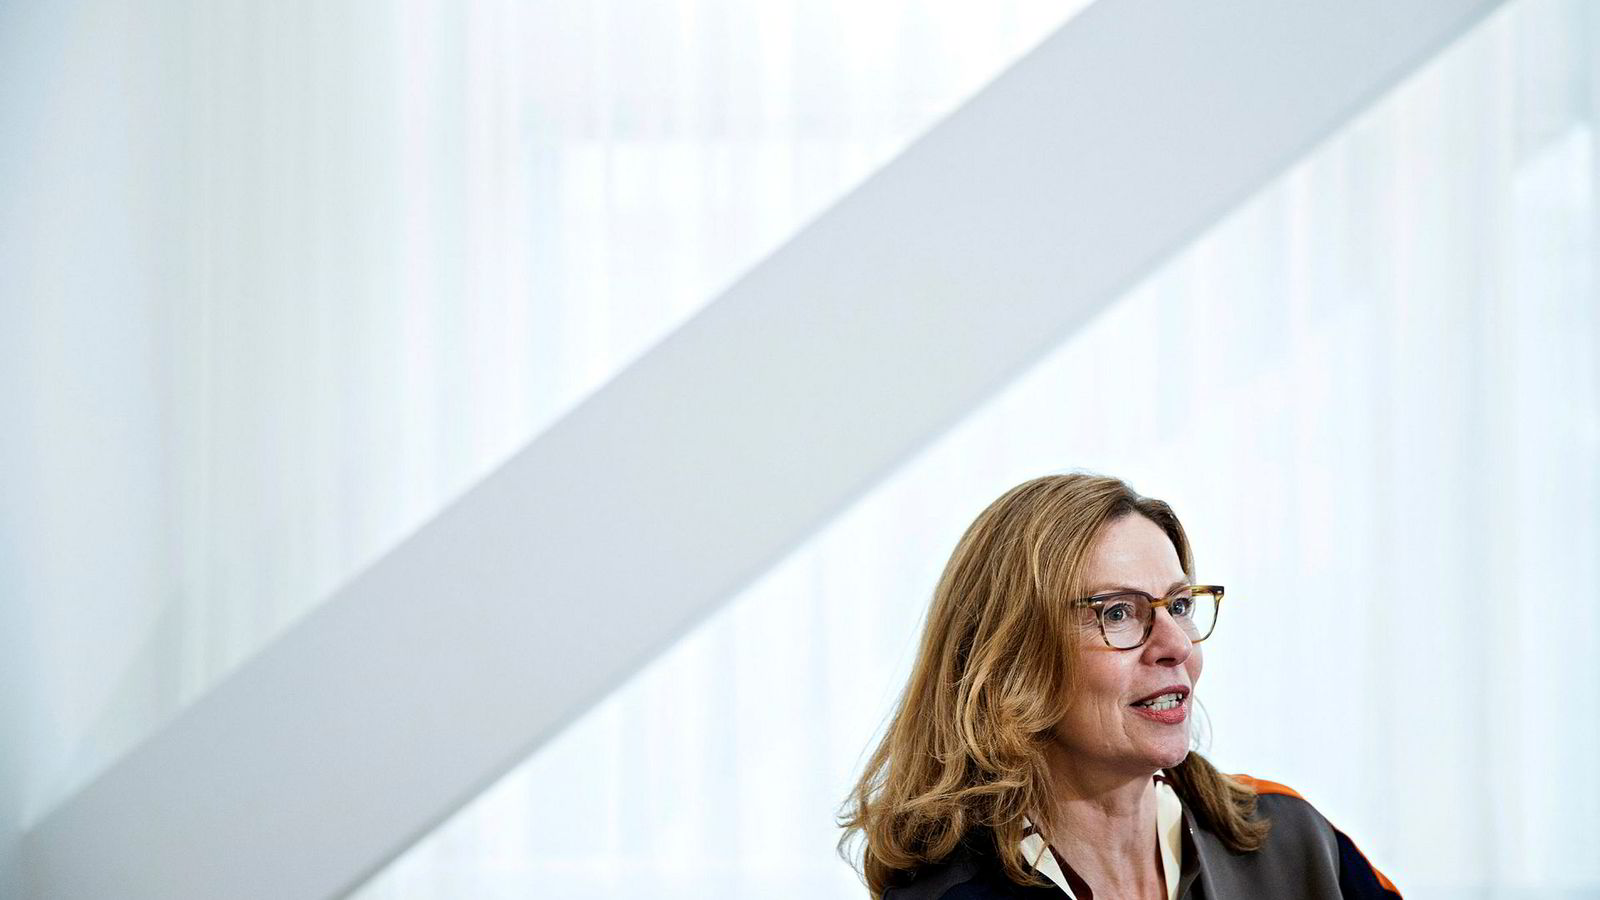 Swedbank-sjef Birgitte Bonnesen har vært i hardt vær de siste ukene etter anklager om brudd på hvitvaskingsreglene i bankens estiske virksomhet.